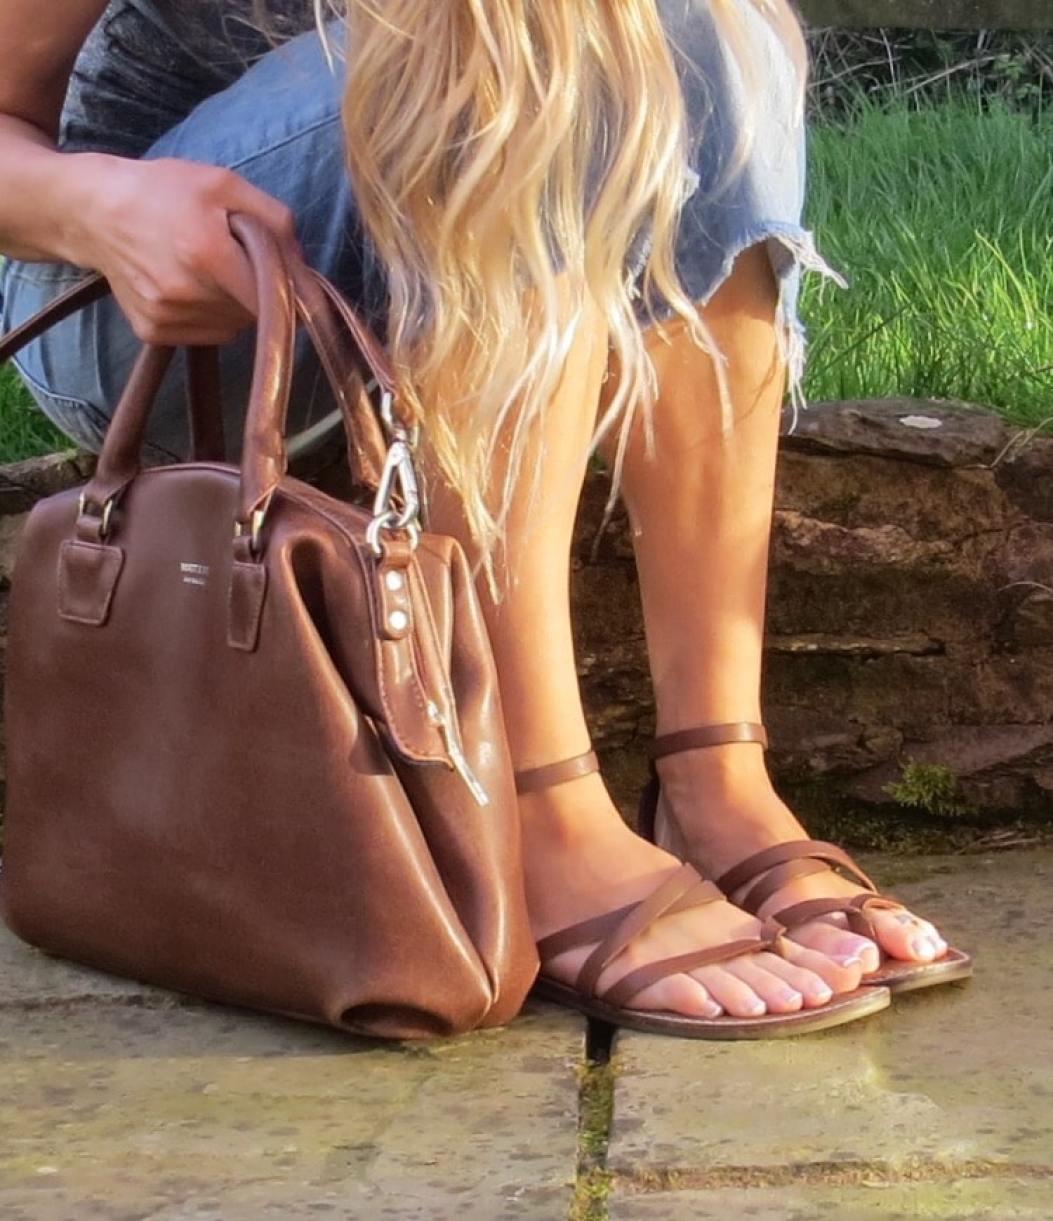 Samantha wearing brown sandals and holding a brown matt and nat handbag